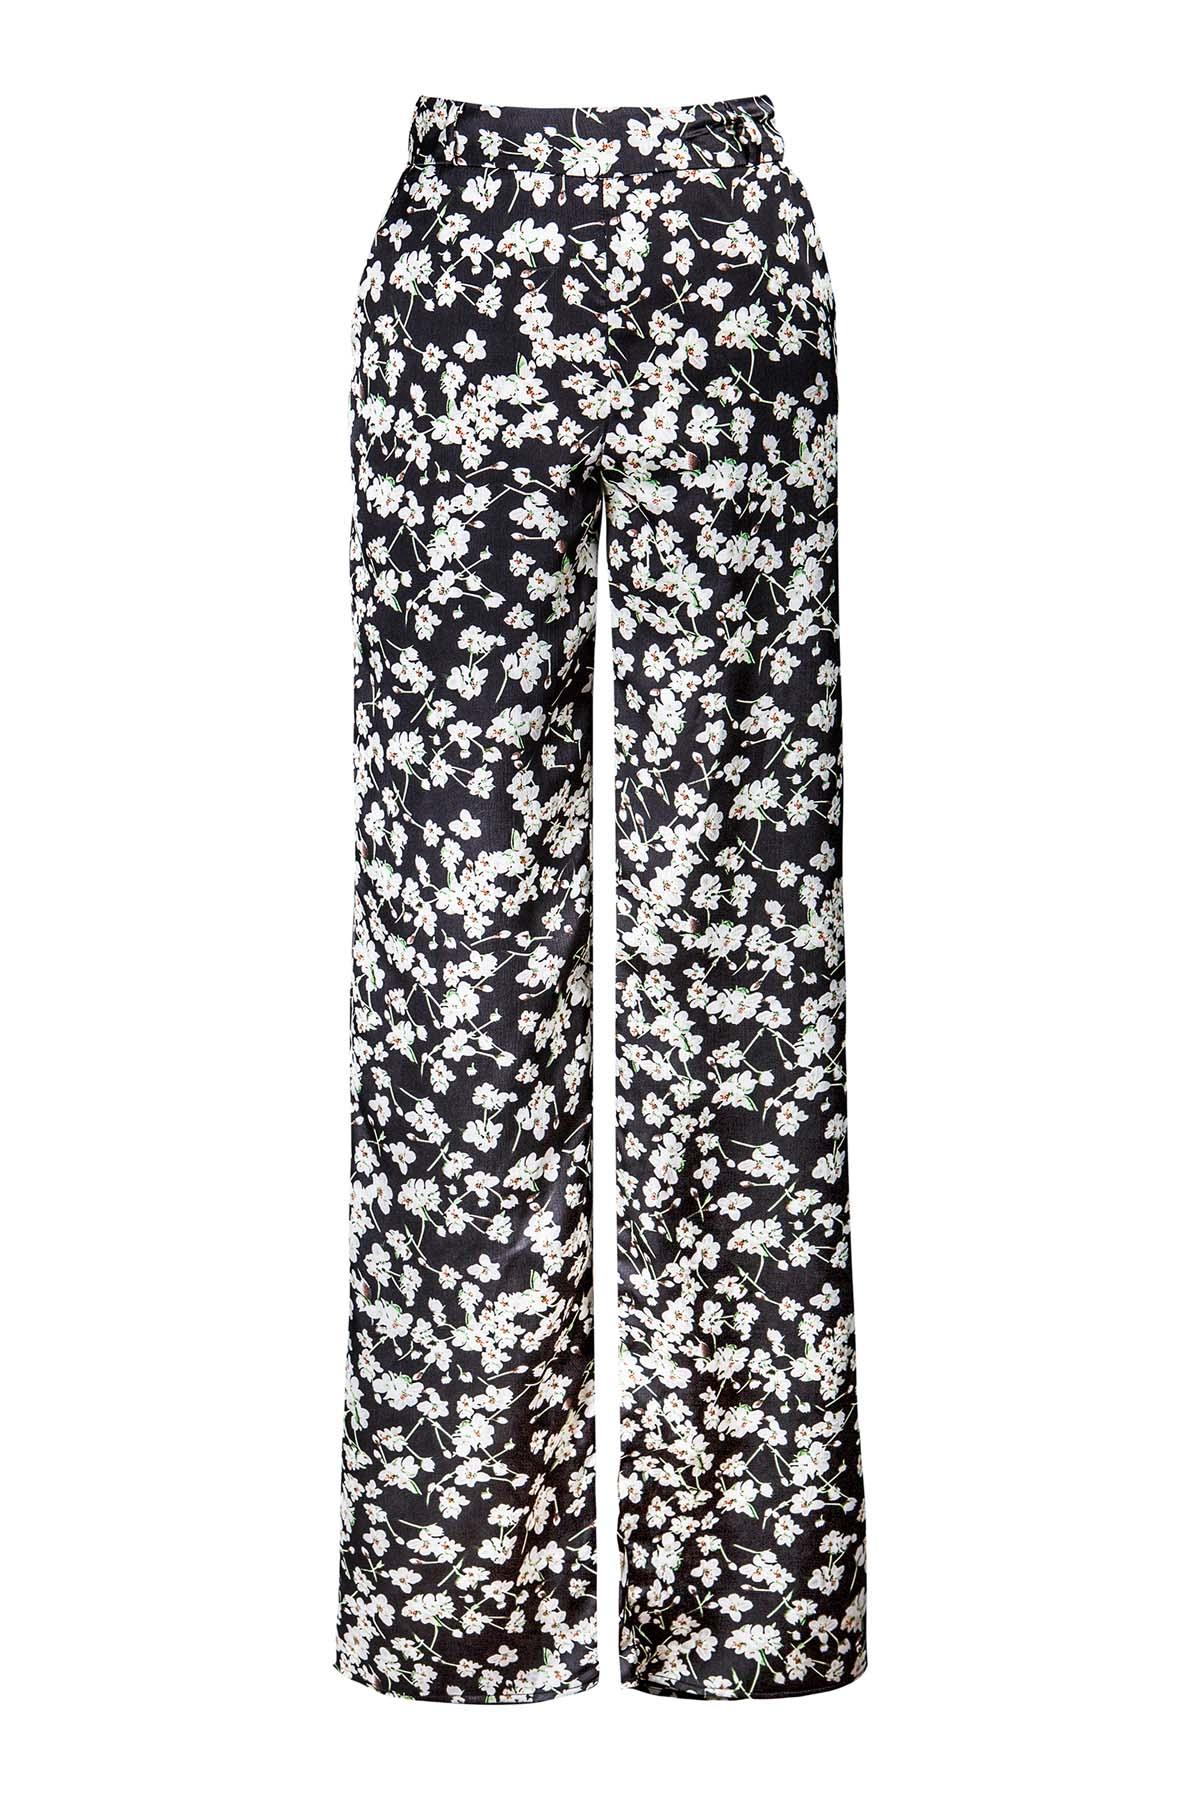 Teria Yabar - Pantalón flare de flores